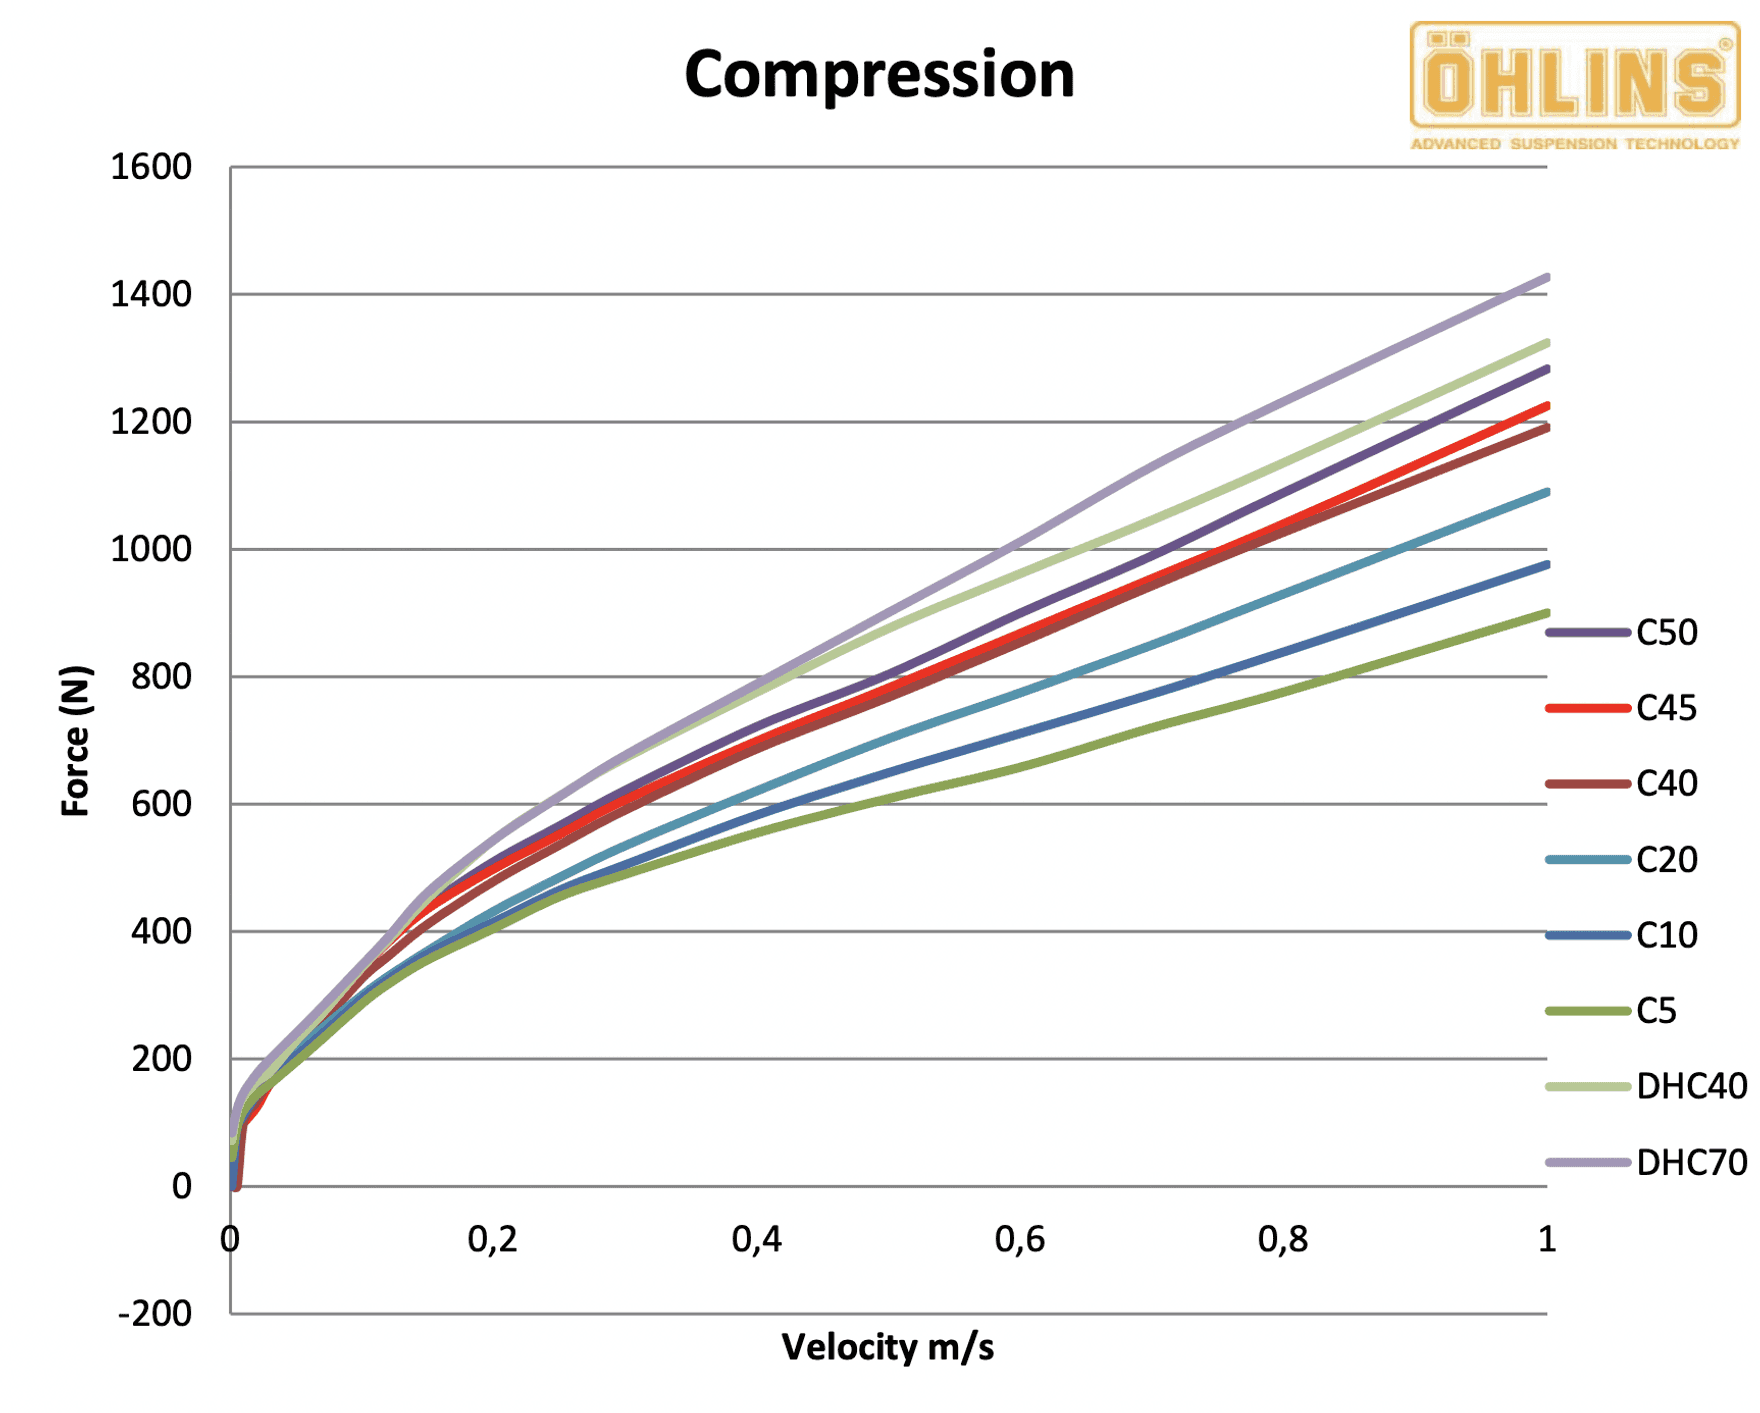 Ohlins compression tune